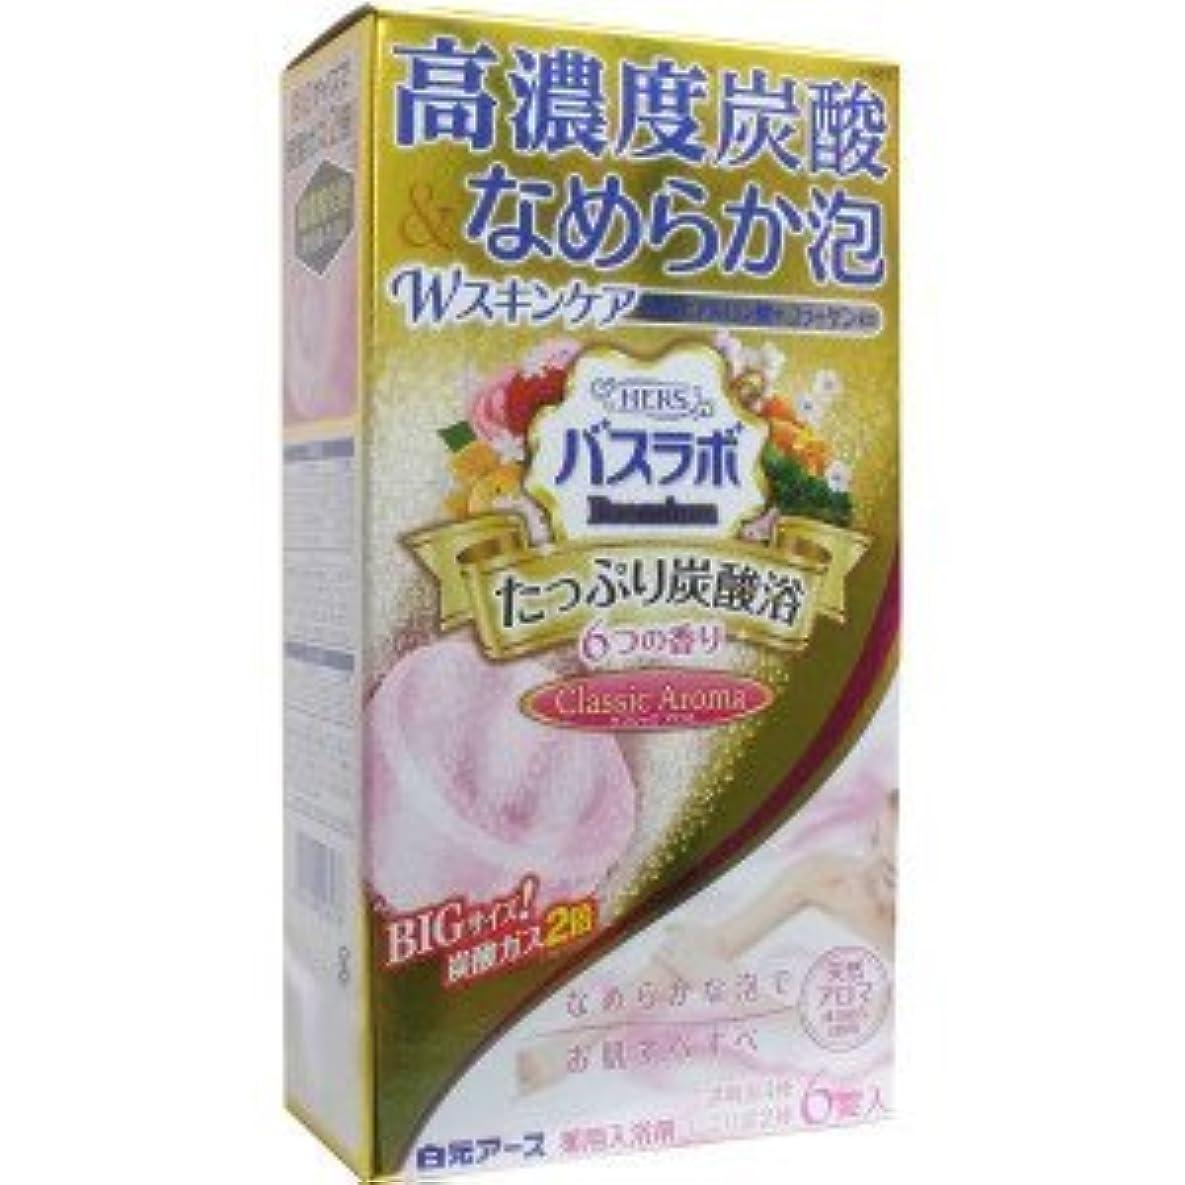 (アース製薬)HERSバスラボ プレミアム たっぷり炭酸浴 クラシックアロマ 6錠入(医薬部外品)